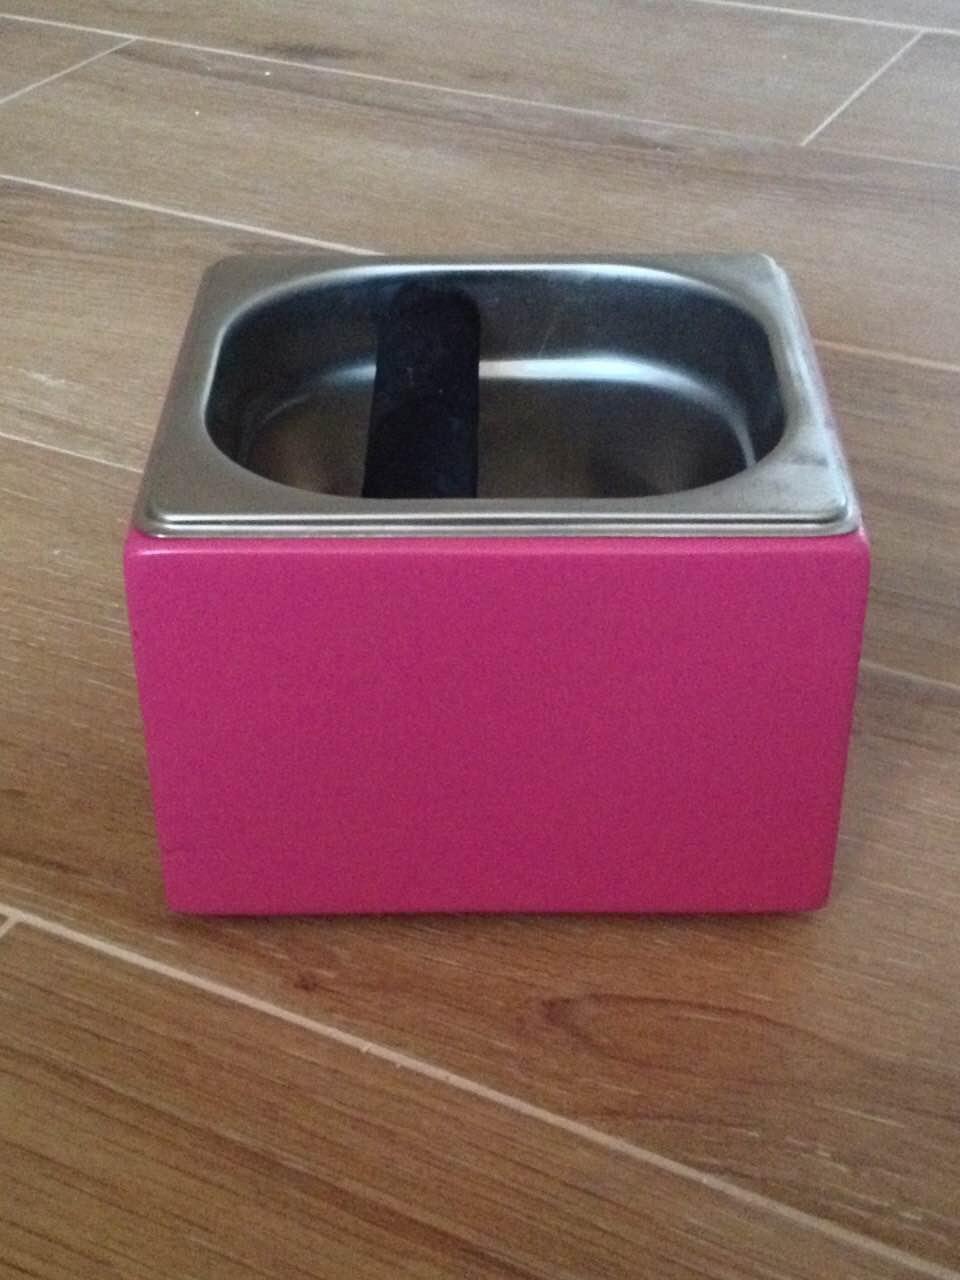 Нок-бокс в деревянном корпусе c емкостью из нержавеющей стали | (тонированный цветной) | 1.6 л